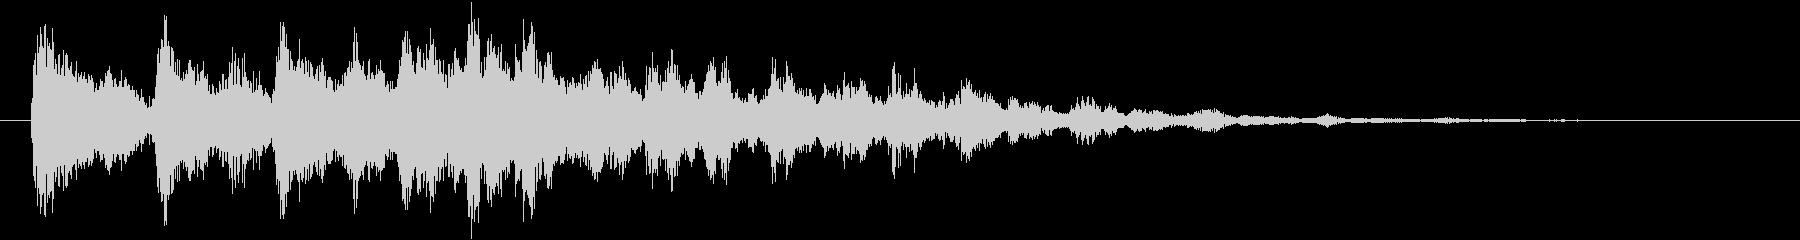 シンセサイザーによる爽やかなサウンドロゴの未再生の波形